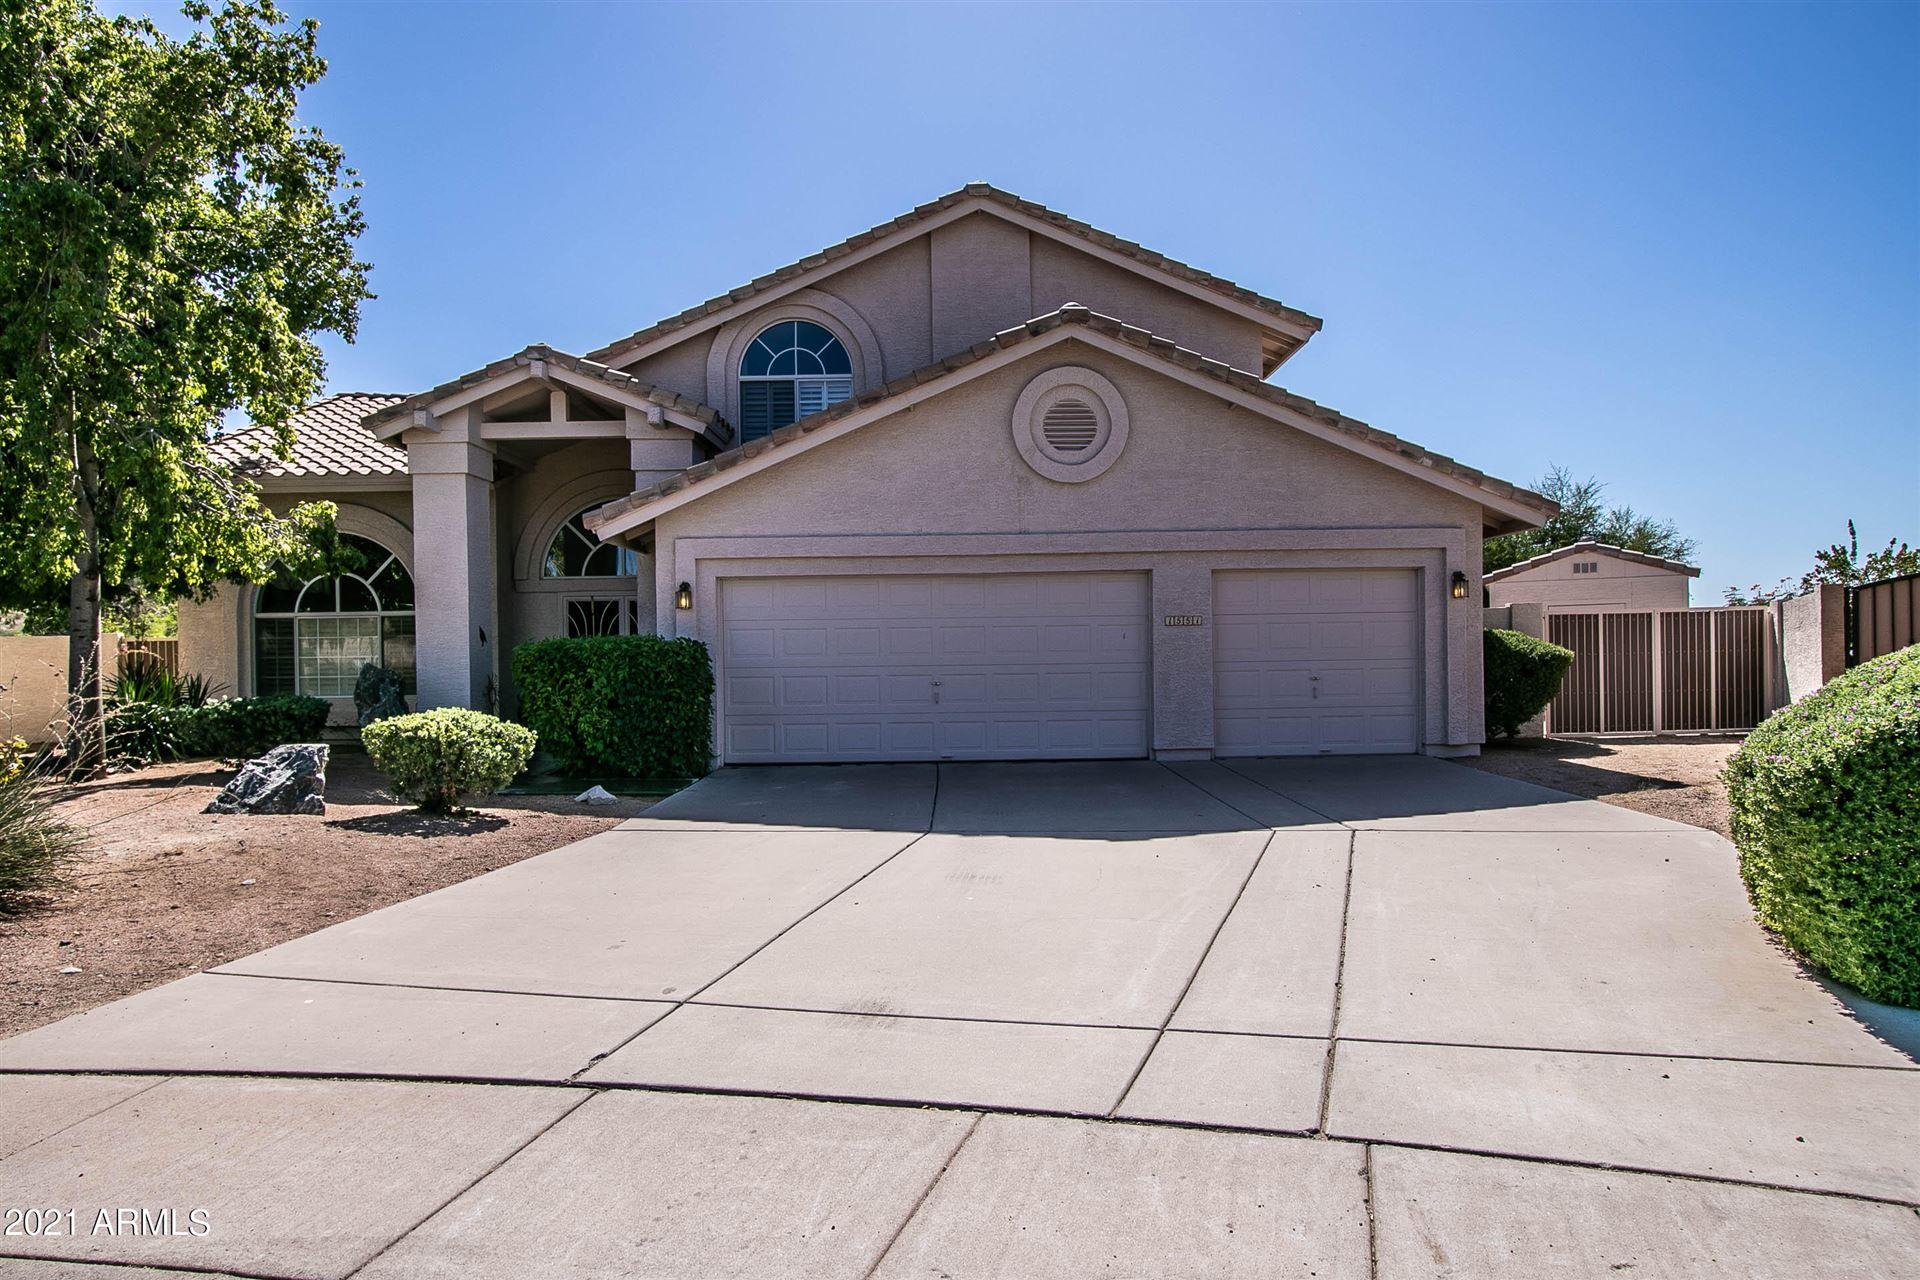 Photo of 1551 E MUIRWOOD Drive, Phoenix, AZ 85048 (MLS # 6307741)